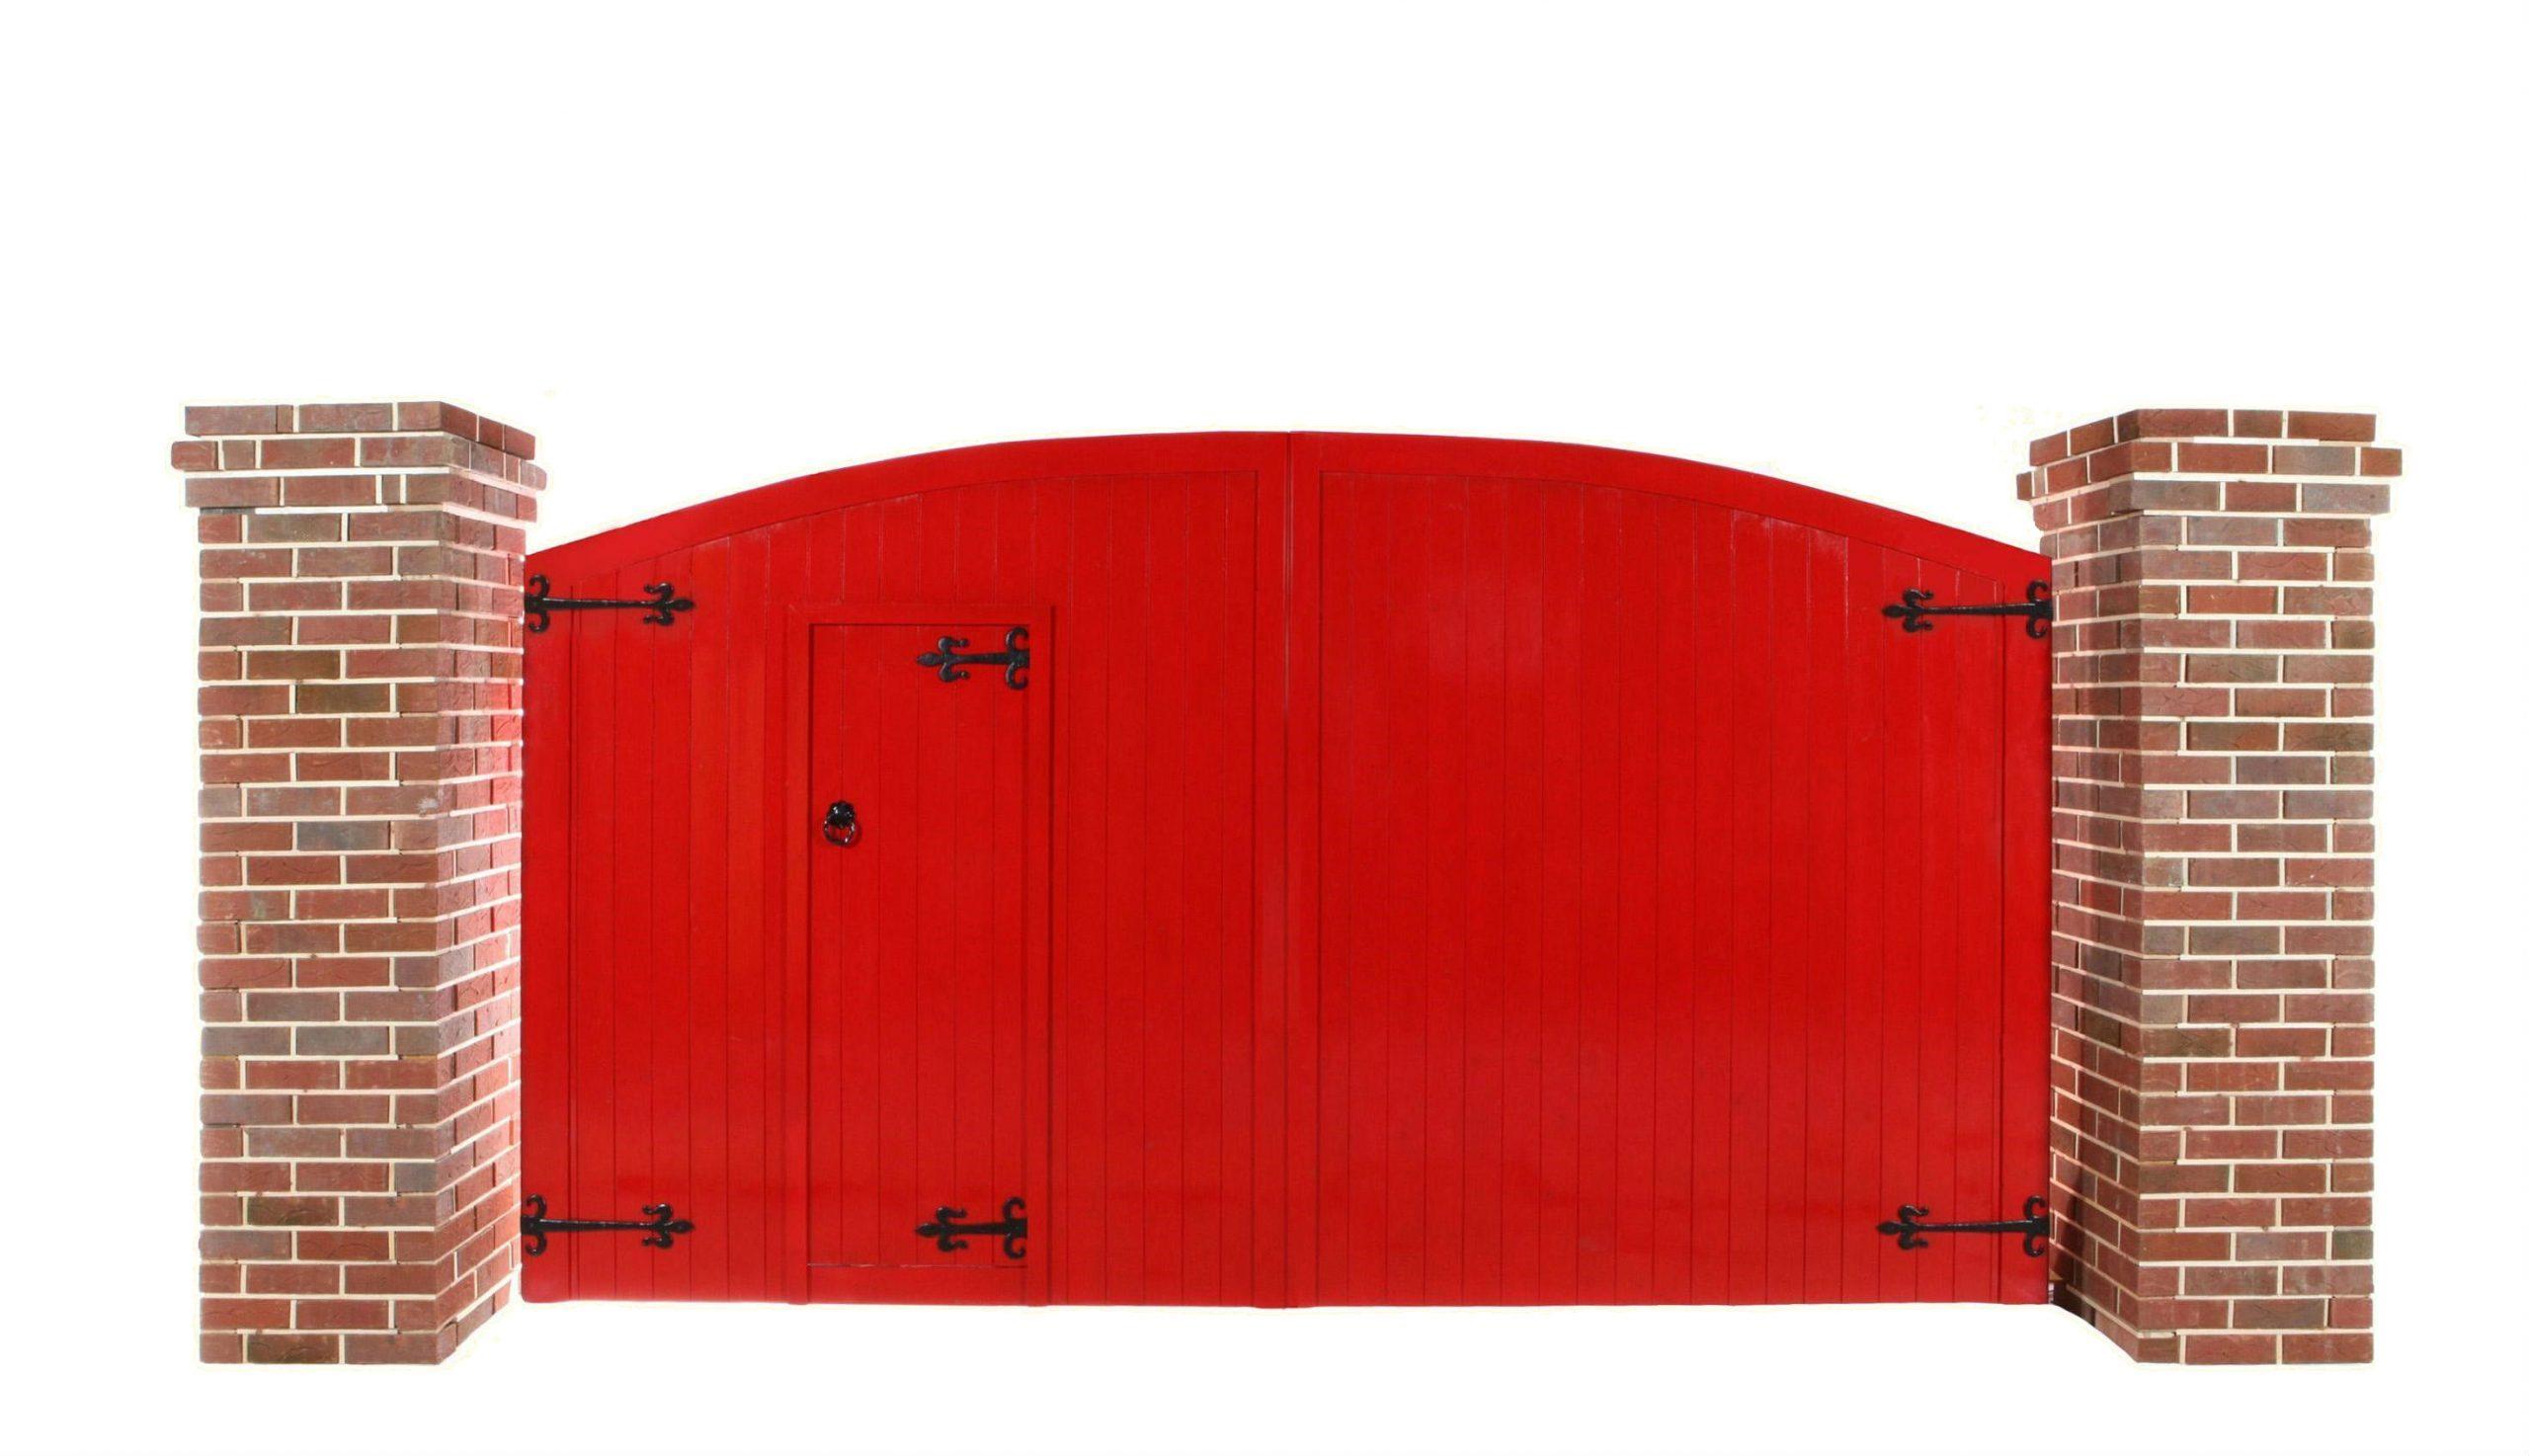 Courtyard Security Gate with Door